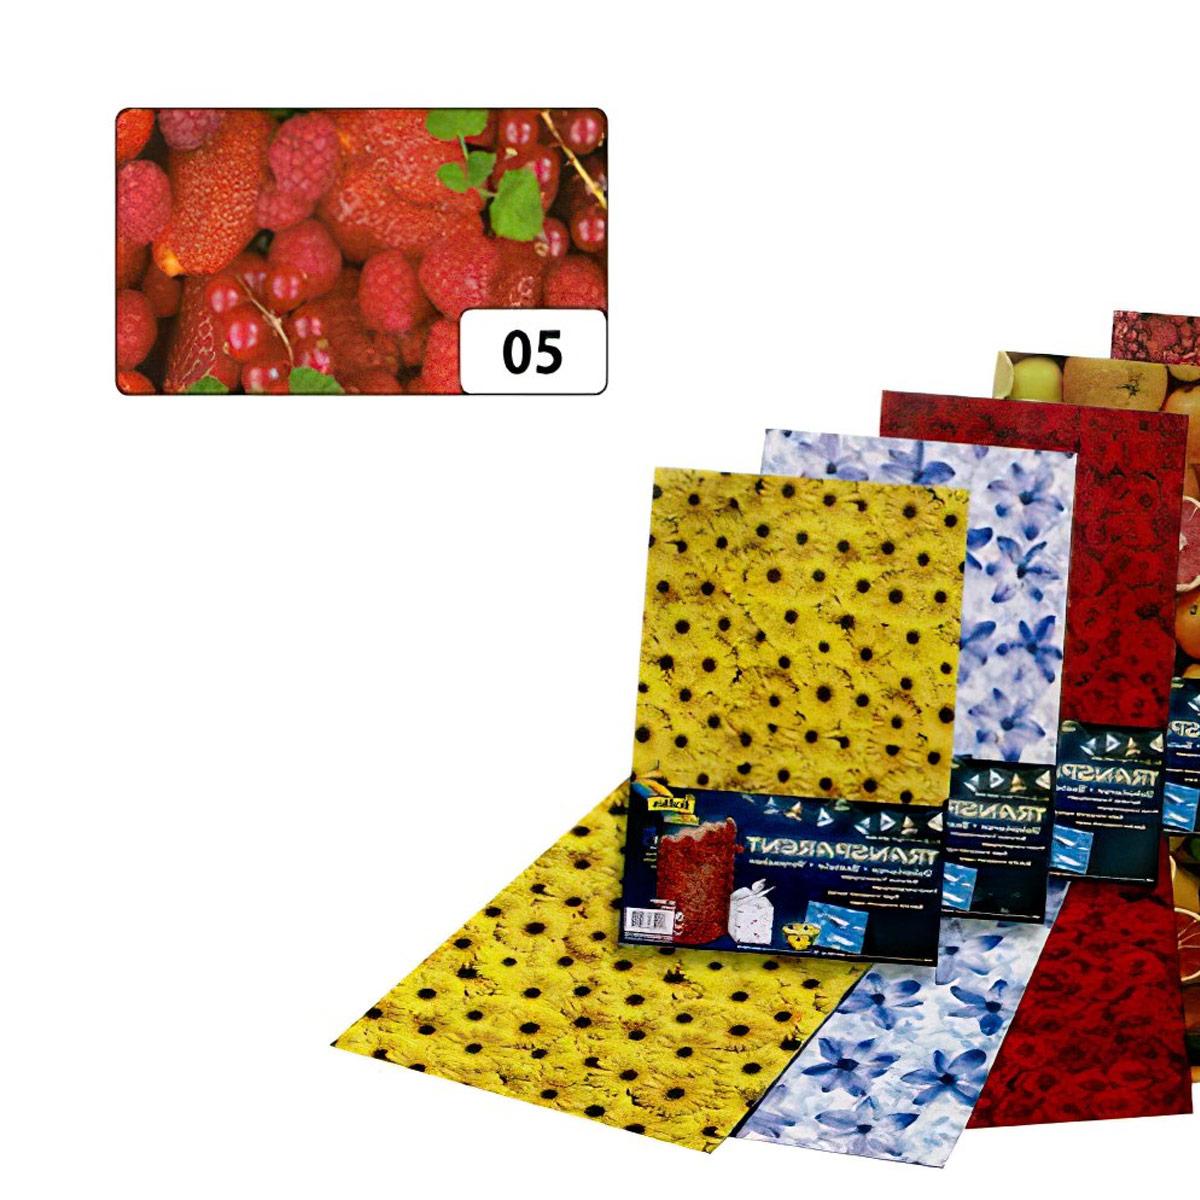 86105 Транспарентная бумага 'Ягоды', 115 г/м², 50,5*70 см, Folia